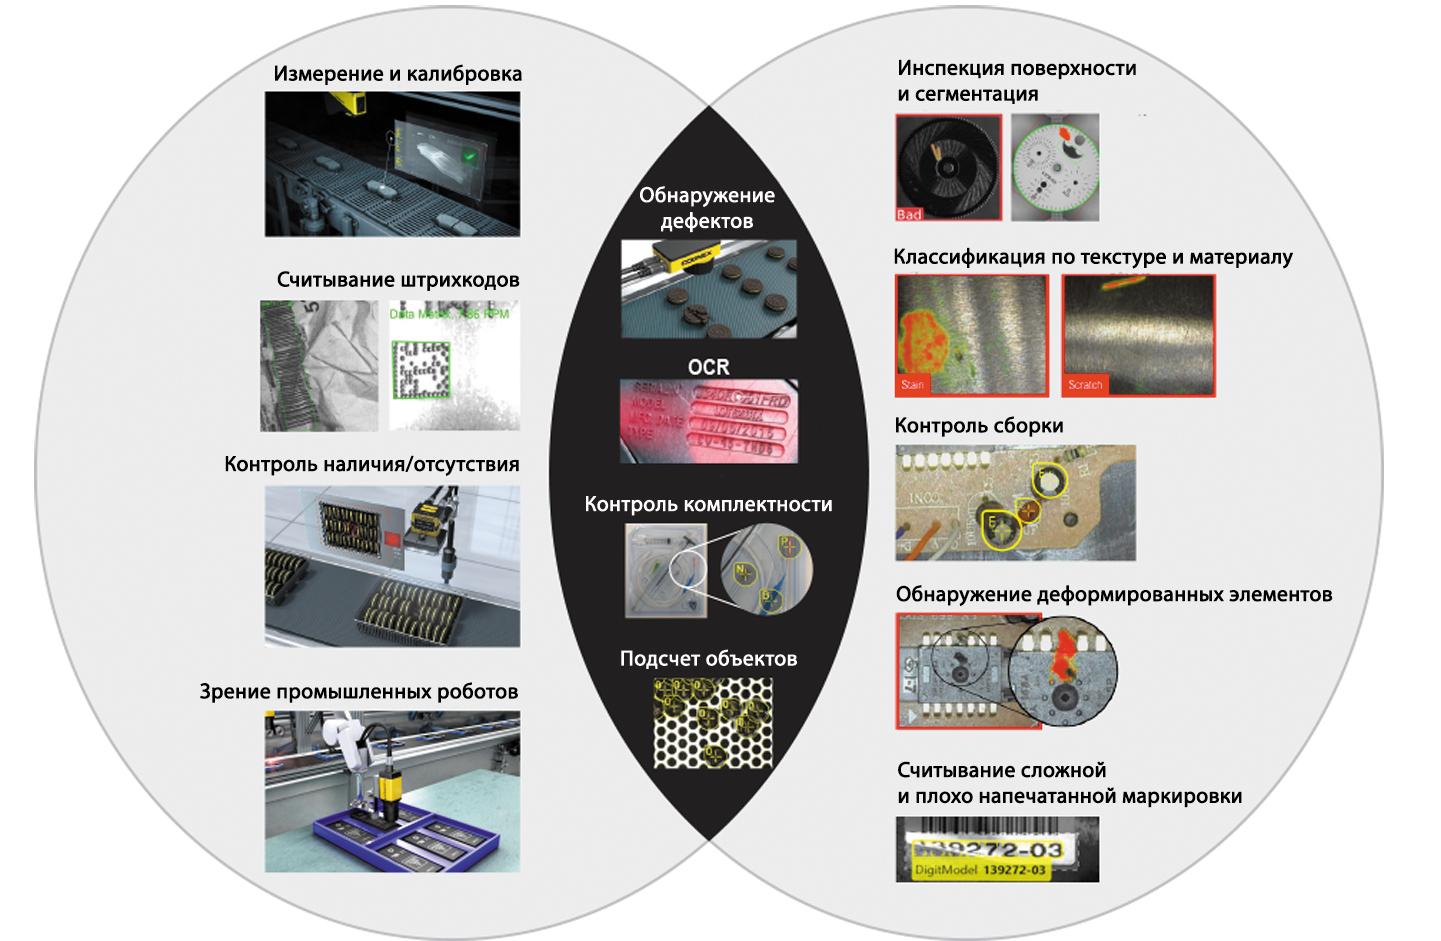 Традиционное машинное зрение vs глубокое обучение: выполняемые задачи